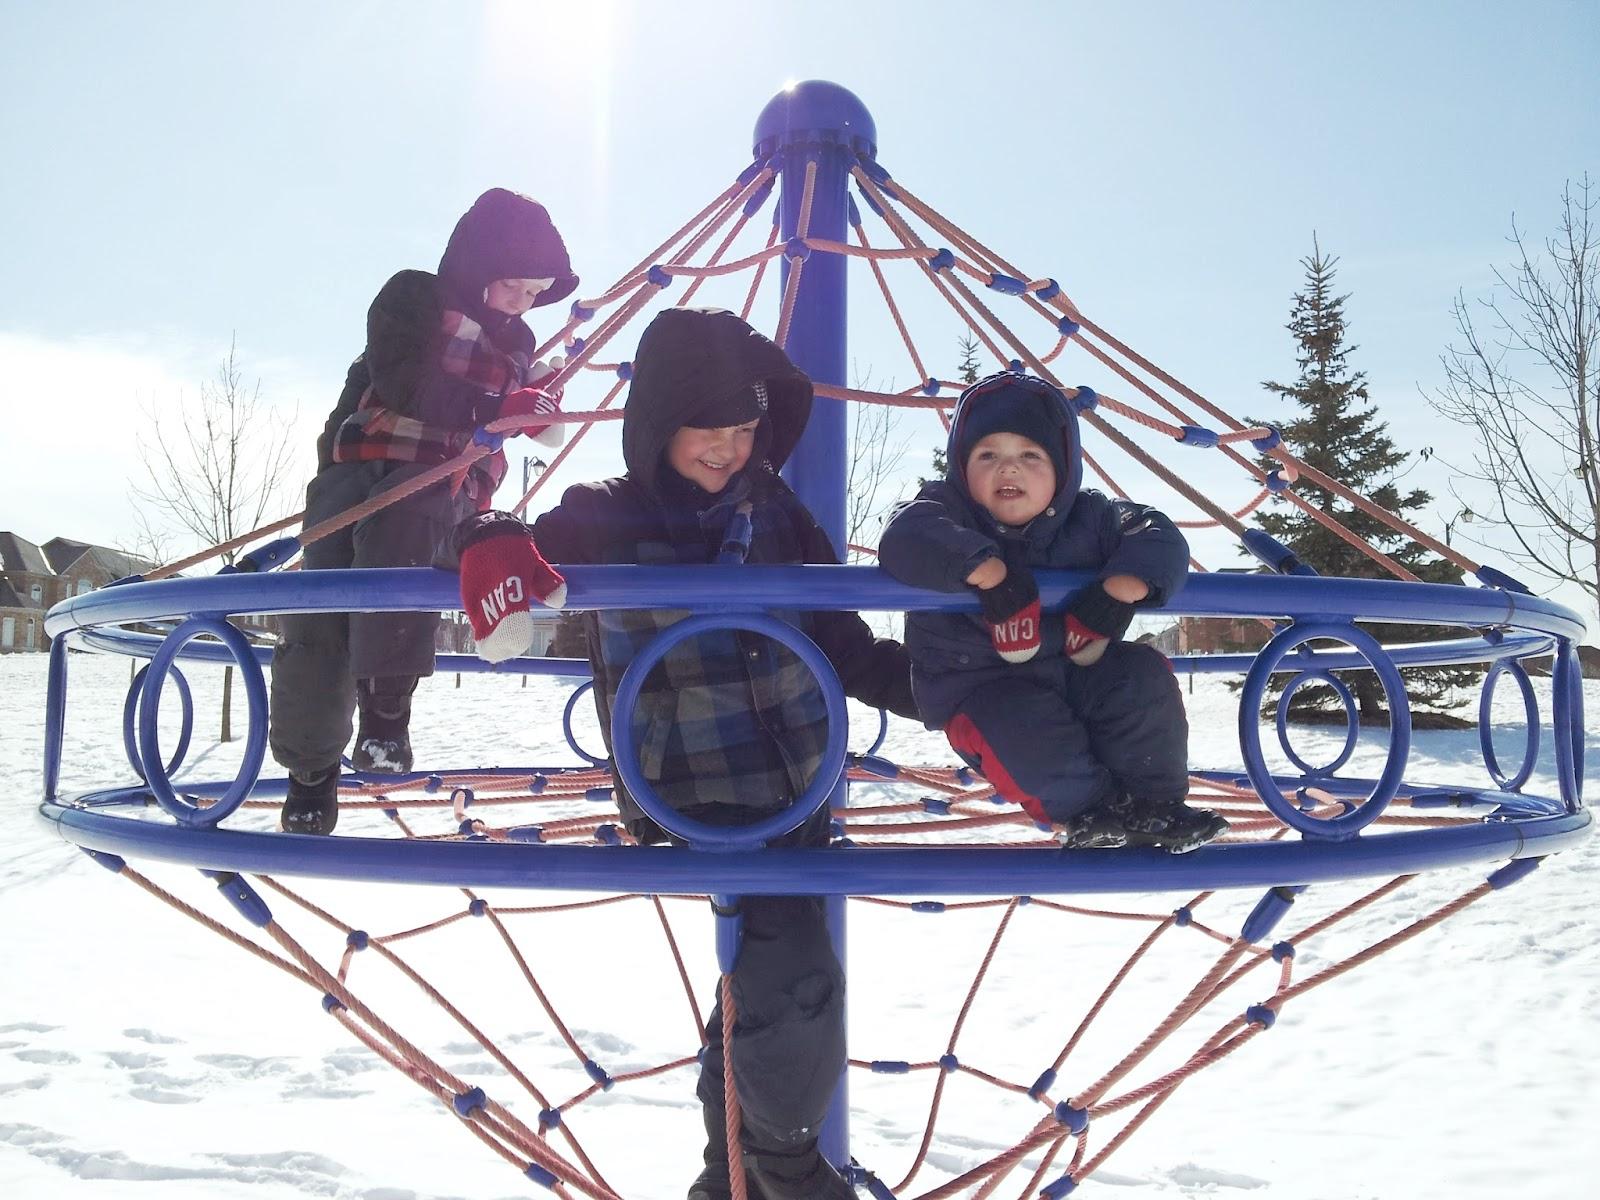 winter in the park, snow, kids activities